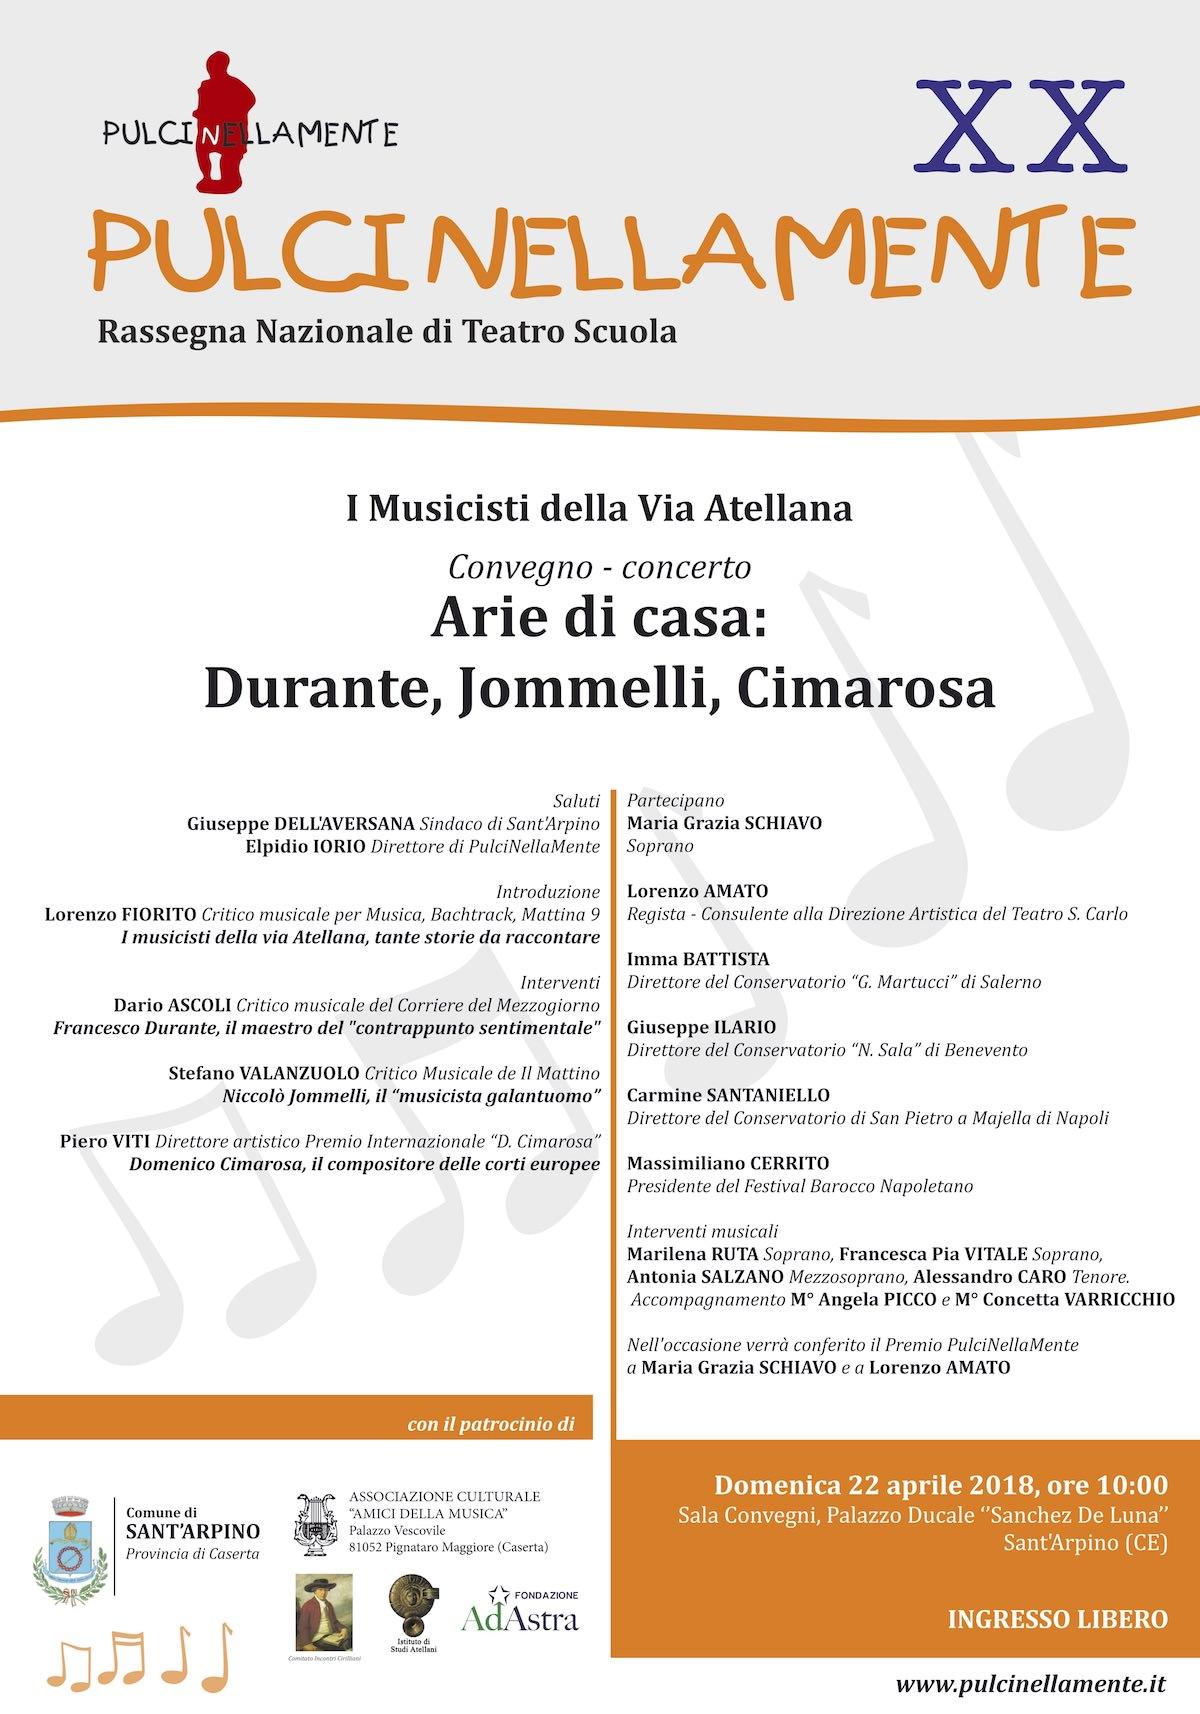 Concerto Arie di casa